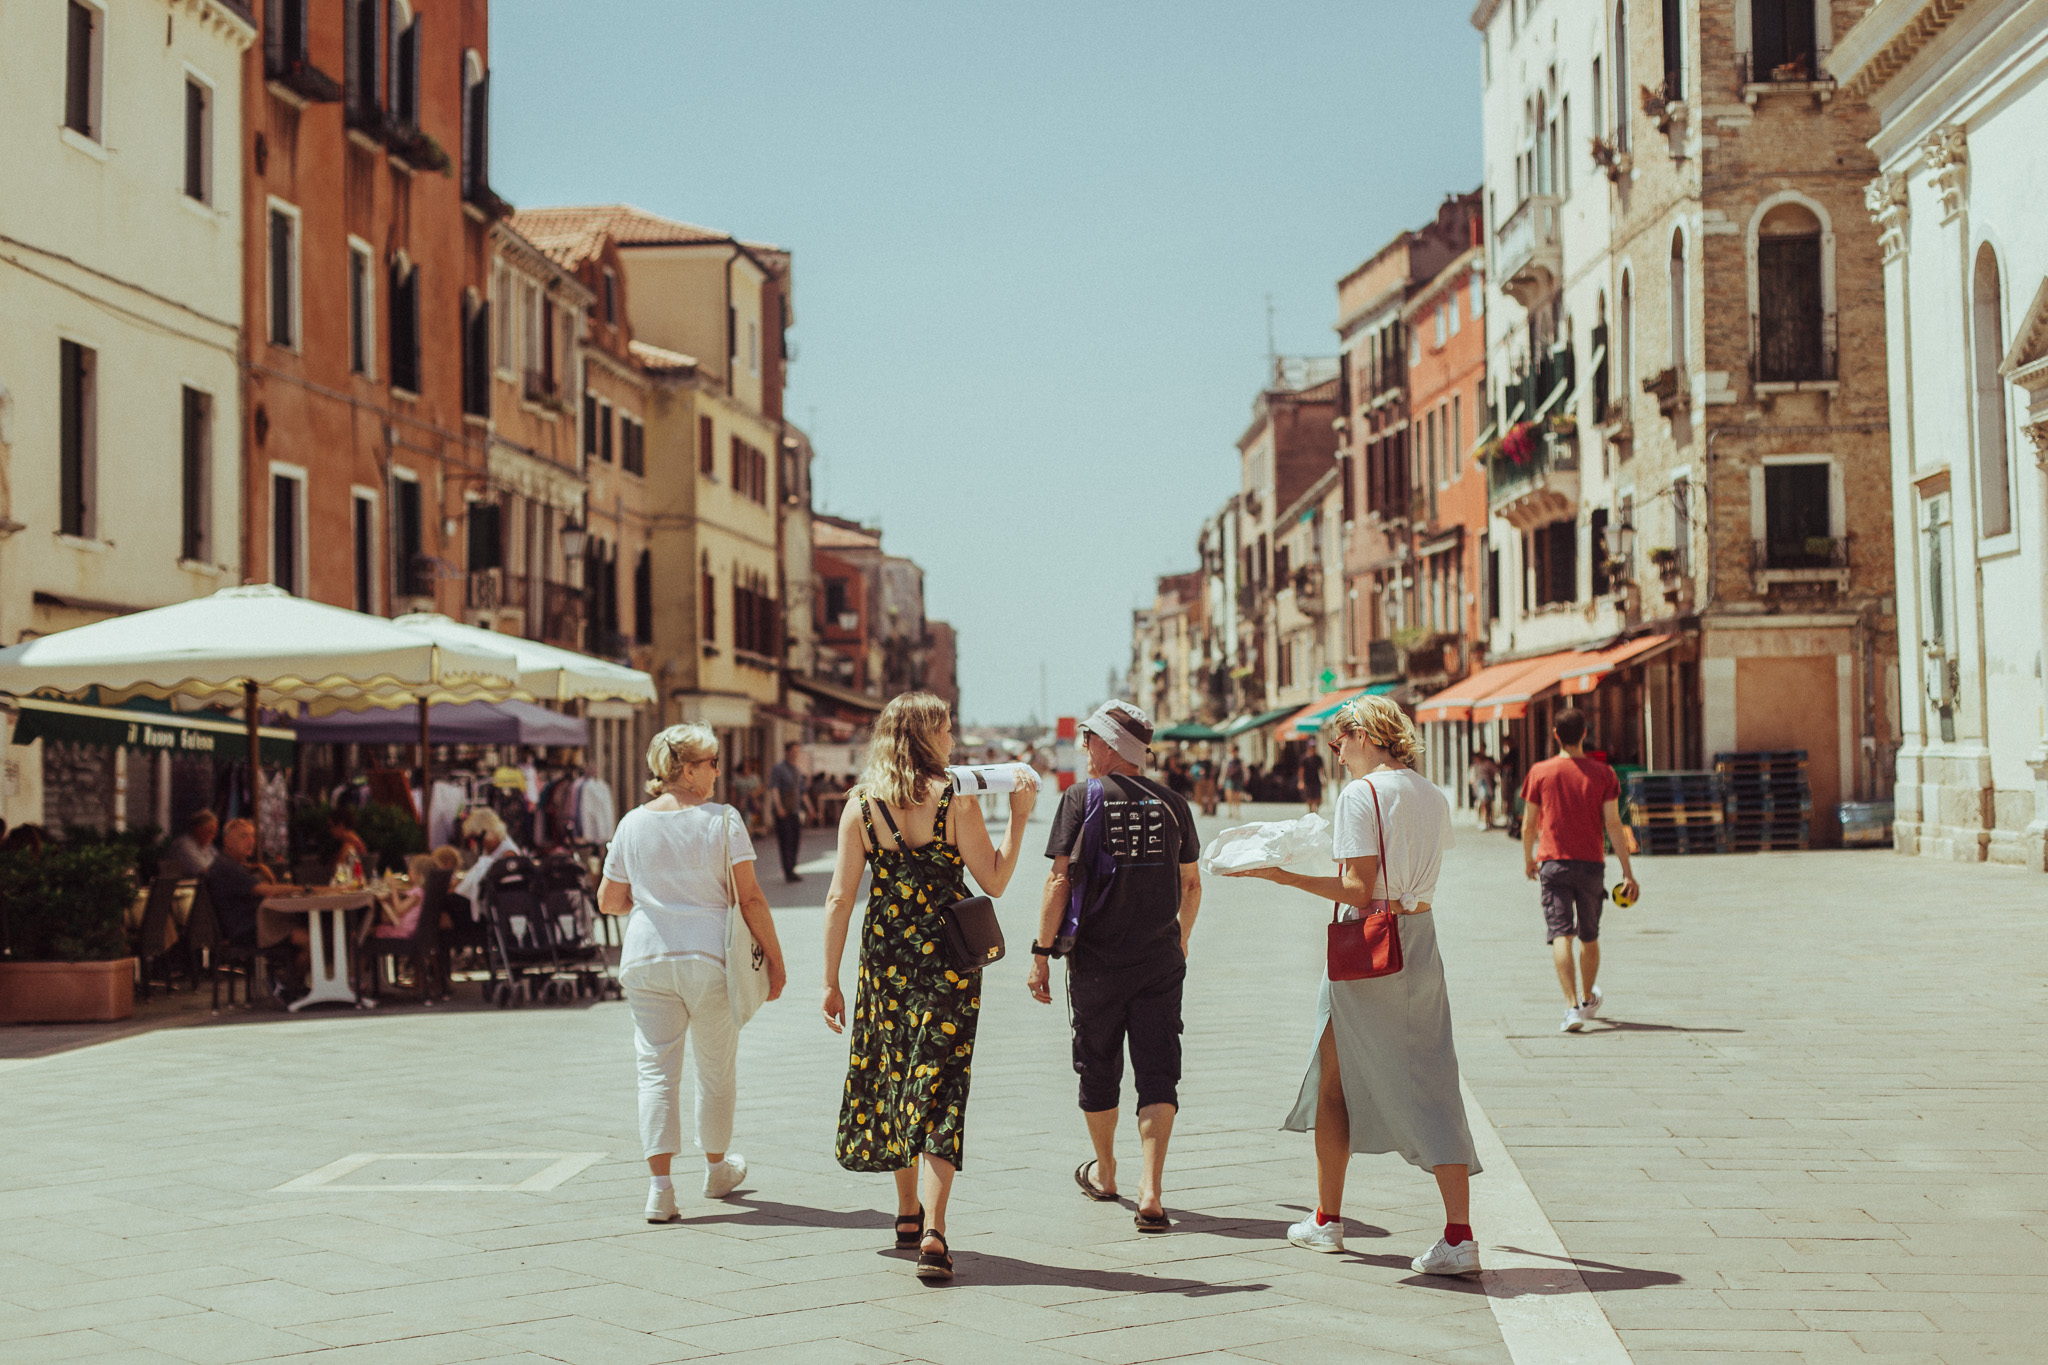 23.07.2019  In Venice.